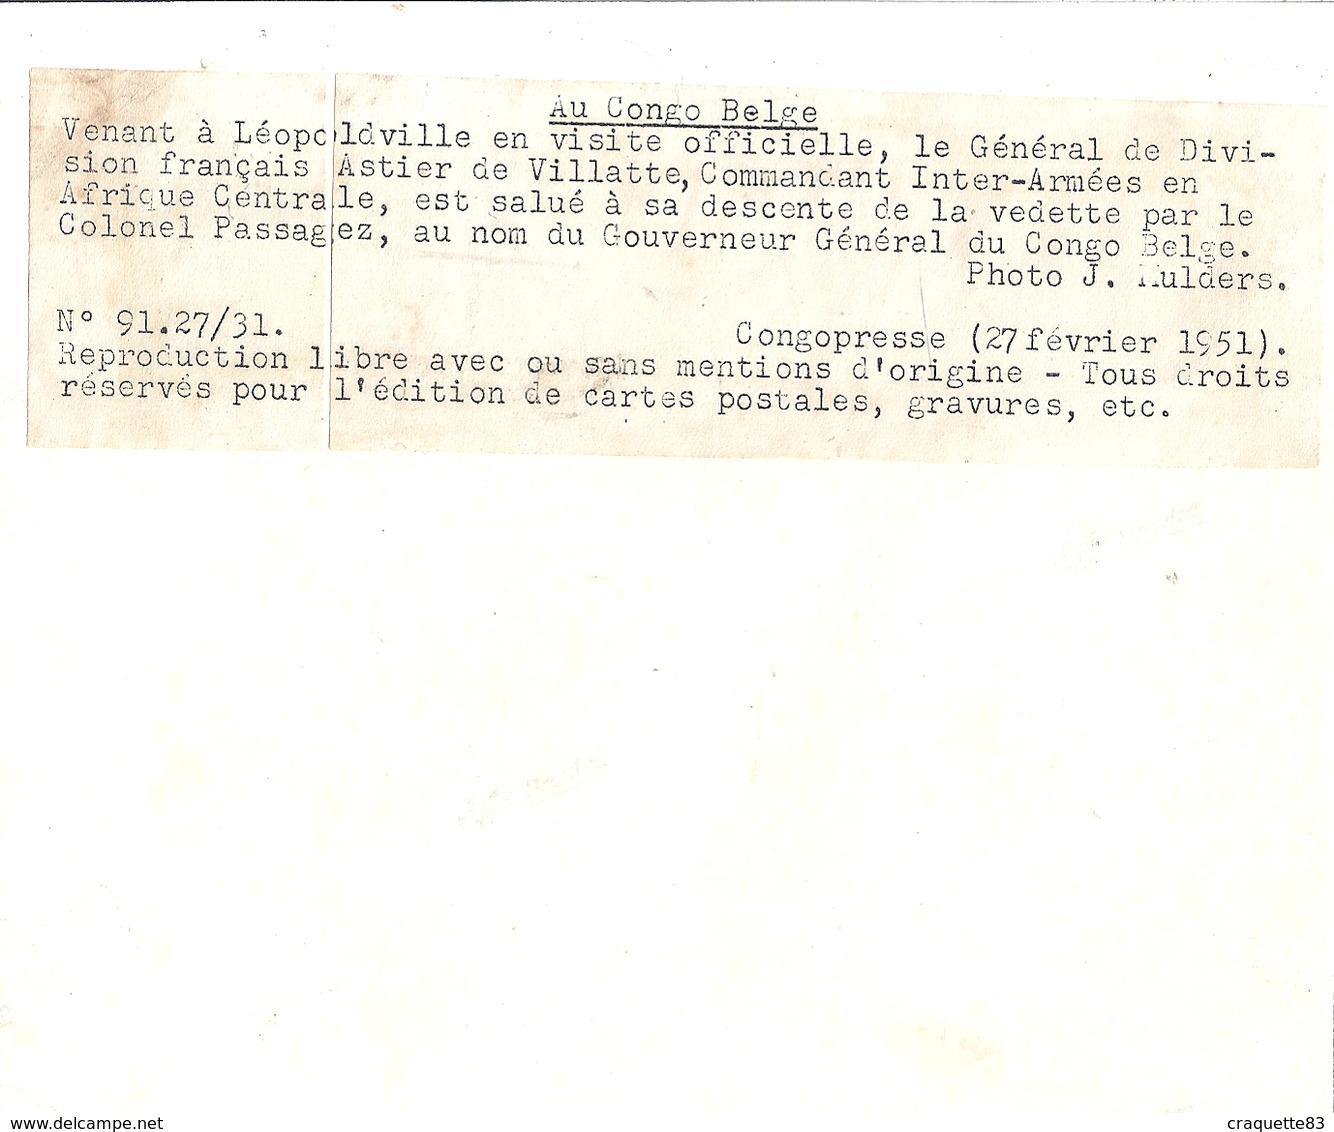 AU CONGO BELGE-A LEOPOLDVILLE LE Gal DEDIVISION FRANCAIS ASTIER DE VILLATTE EST SALUE PAR LE COL. PASSAGEZ - - Guerre, Militaire